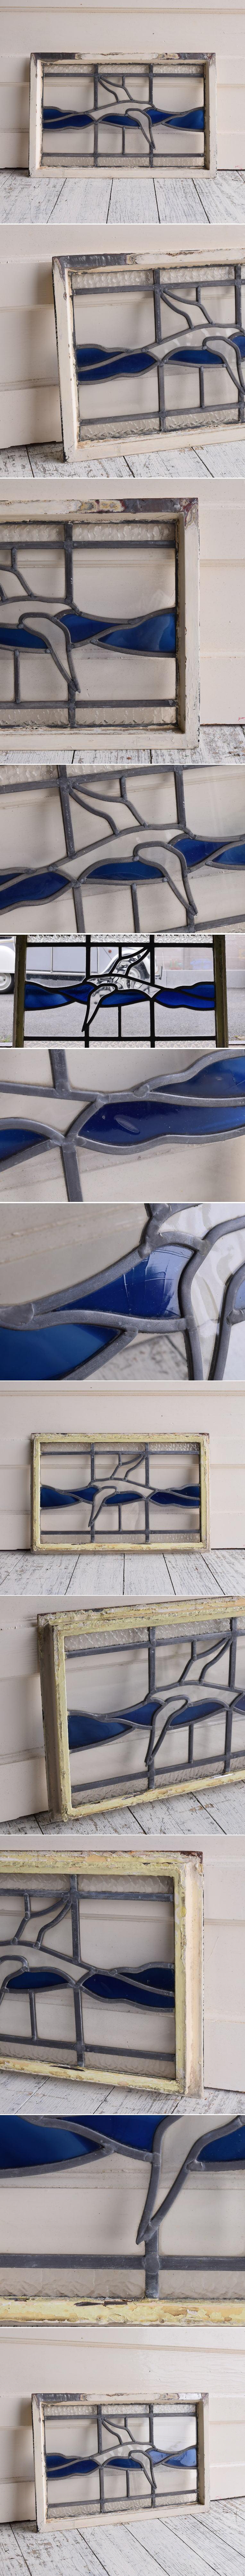 イギリス アンティーク ステンドグラス 幾何学 9558